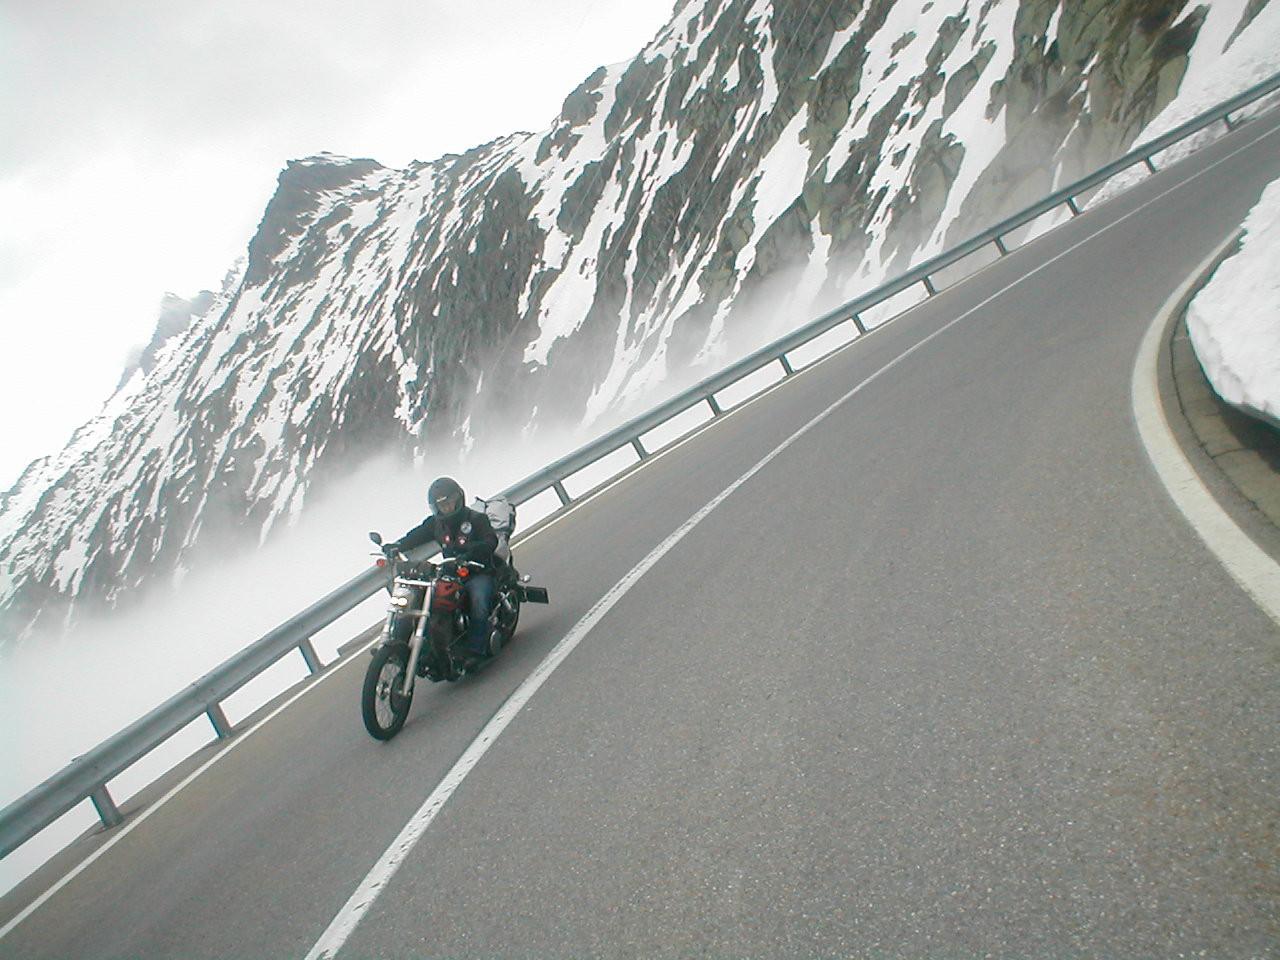 motorrad Fahren Für Anfänger Tipps Und Tricks Für Einsteiger